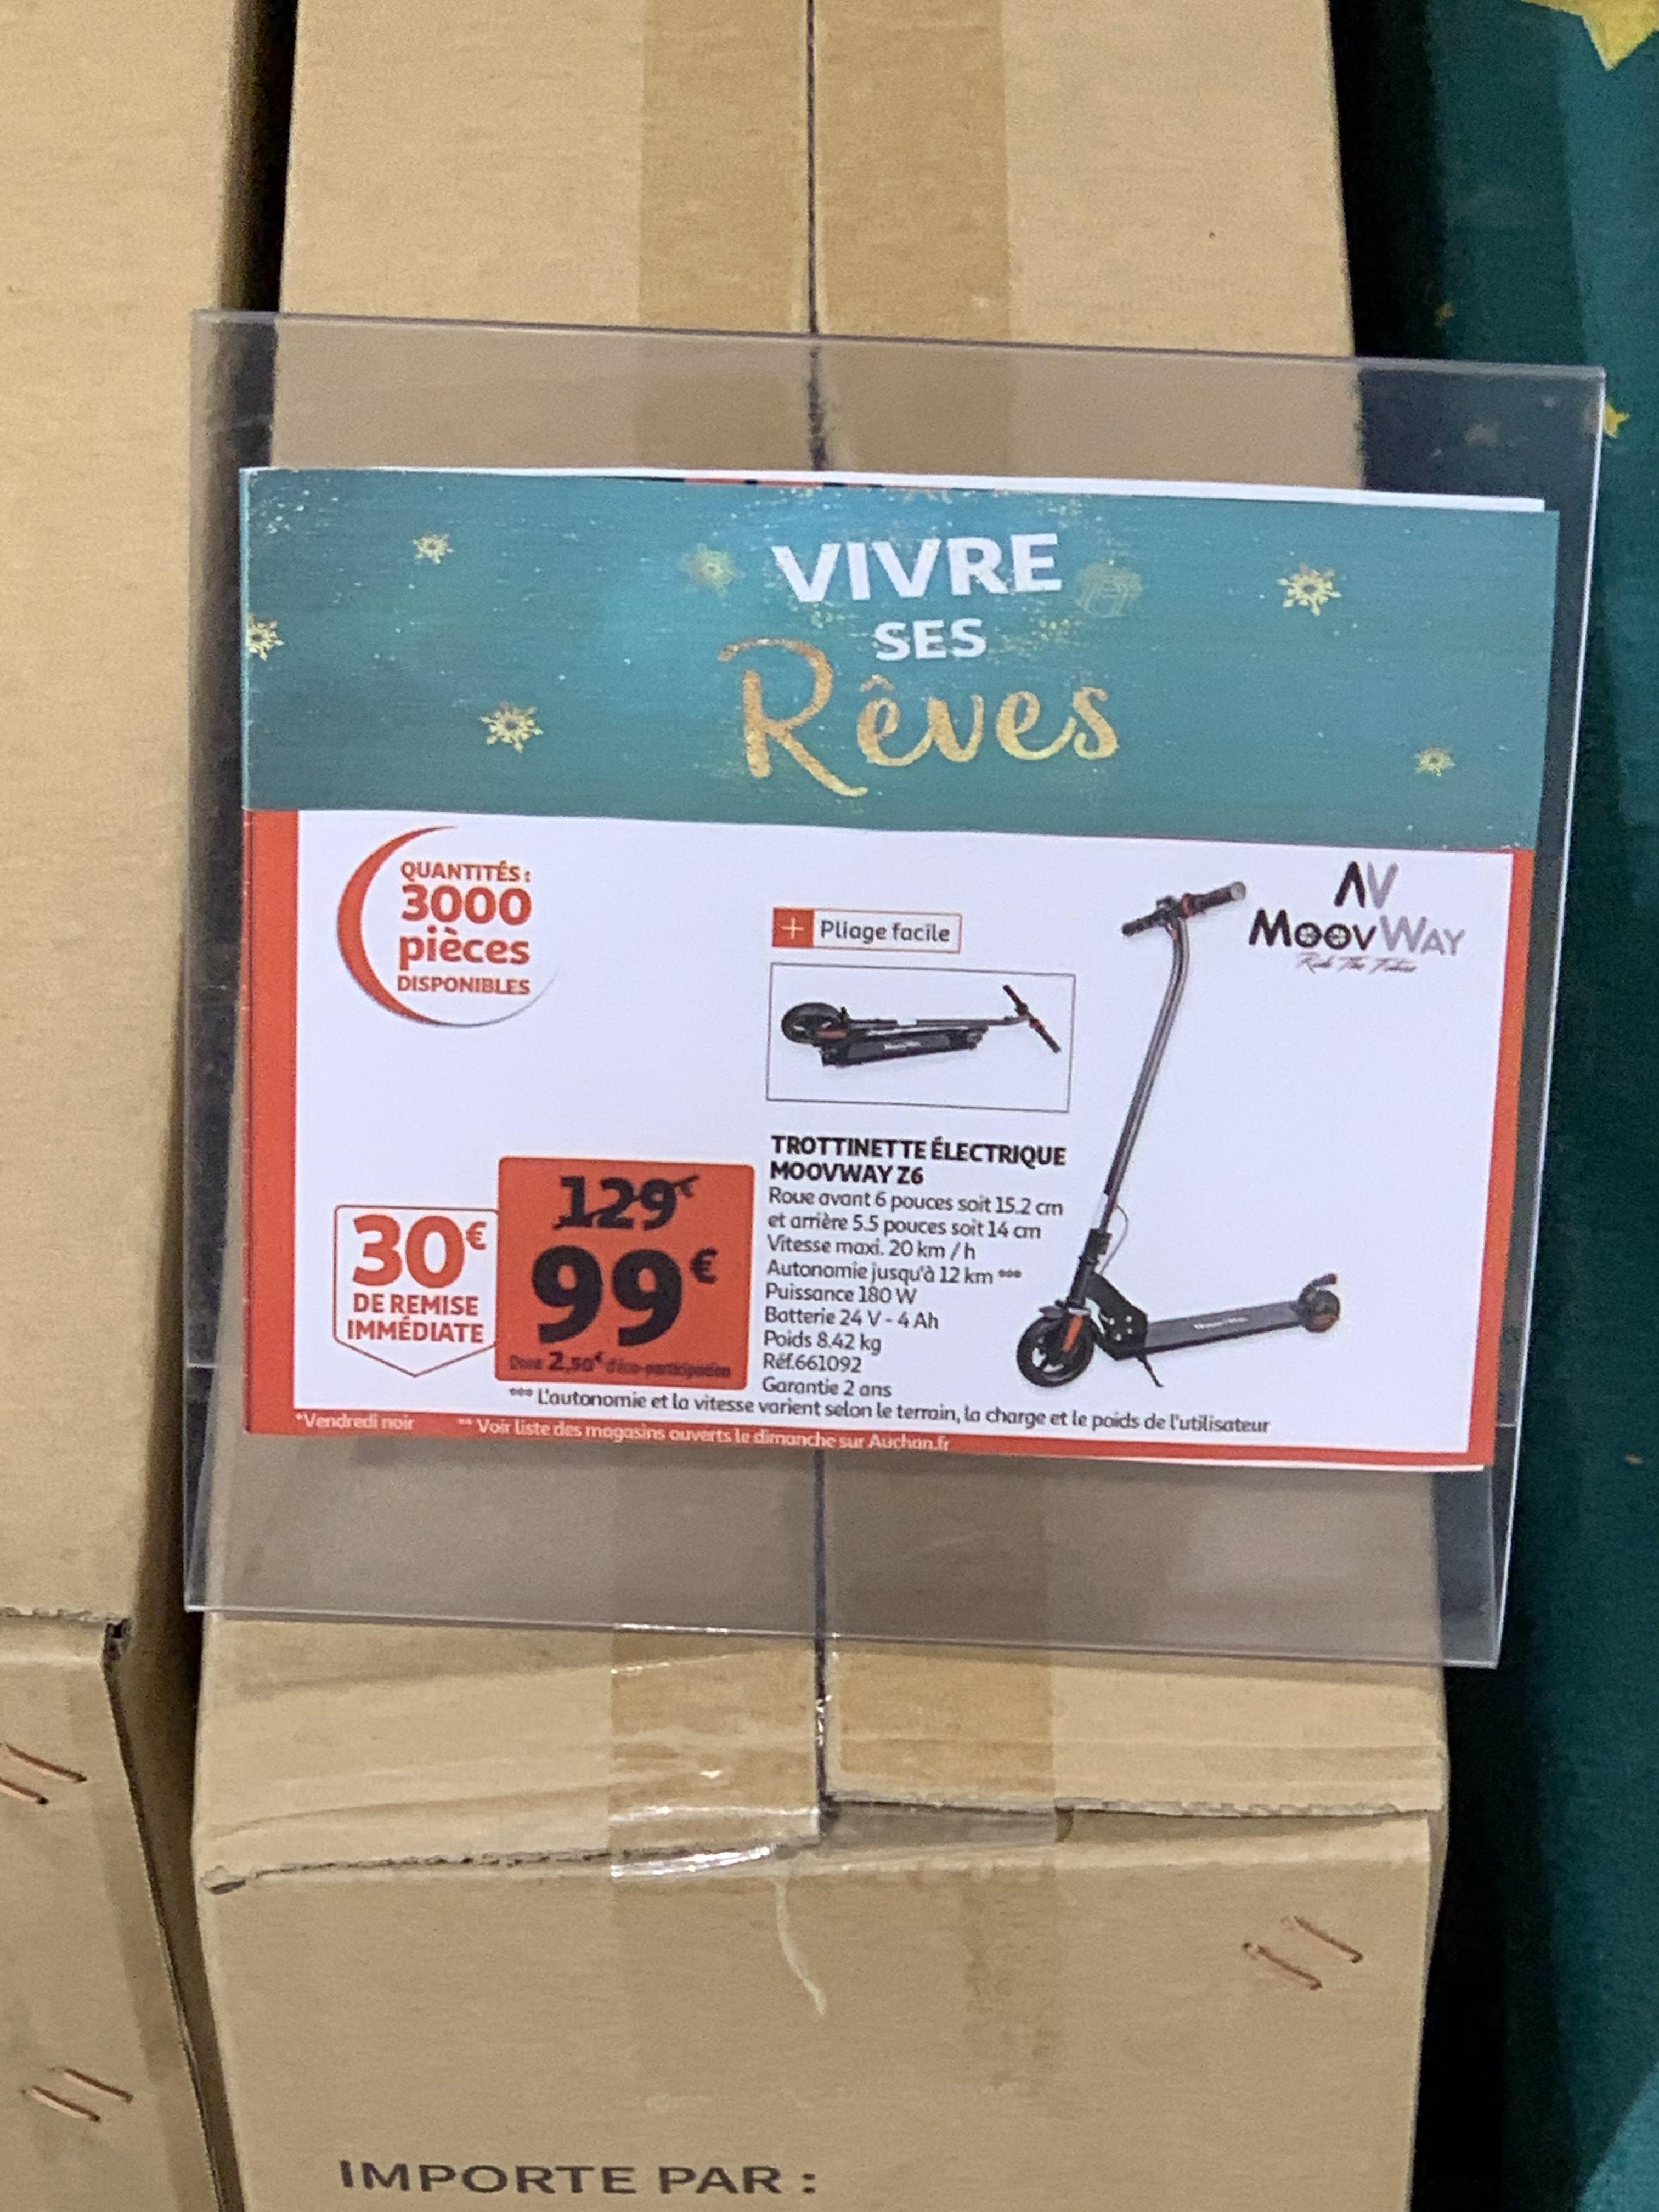 Trottinette électrique Moovway - Saint Sebastien (44)